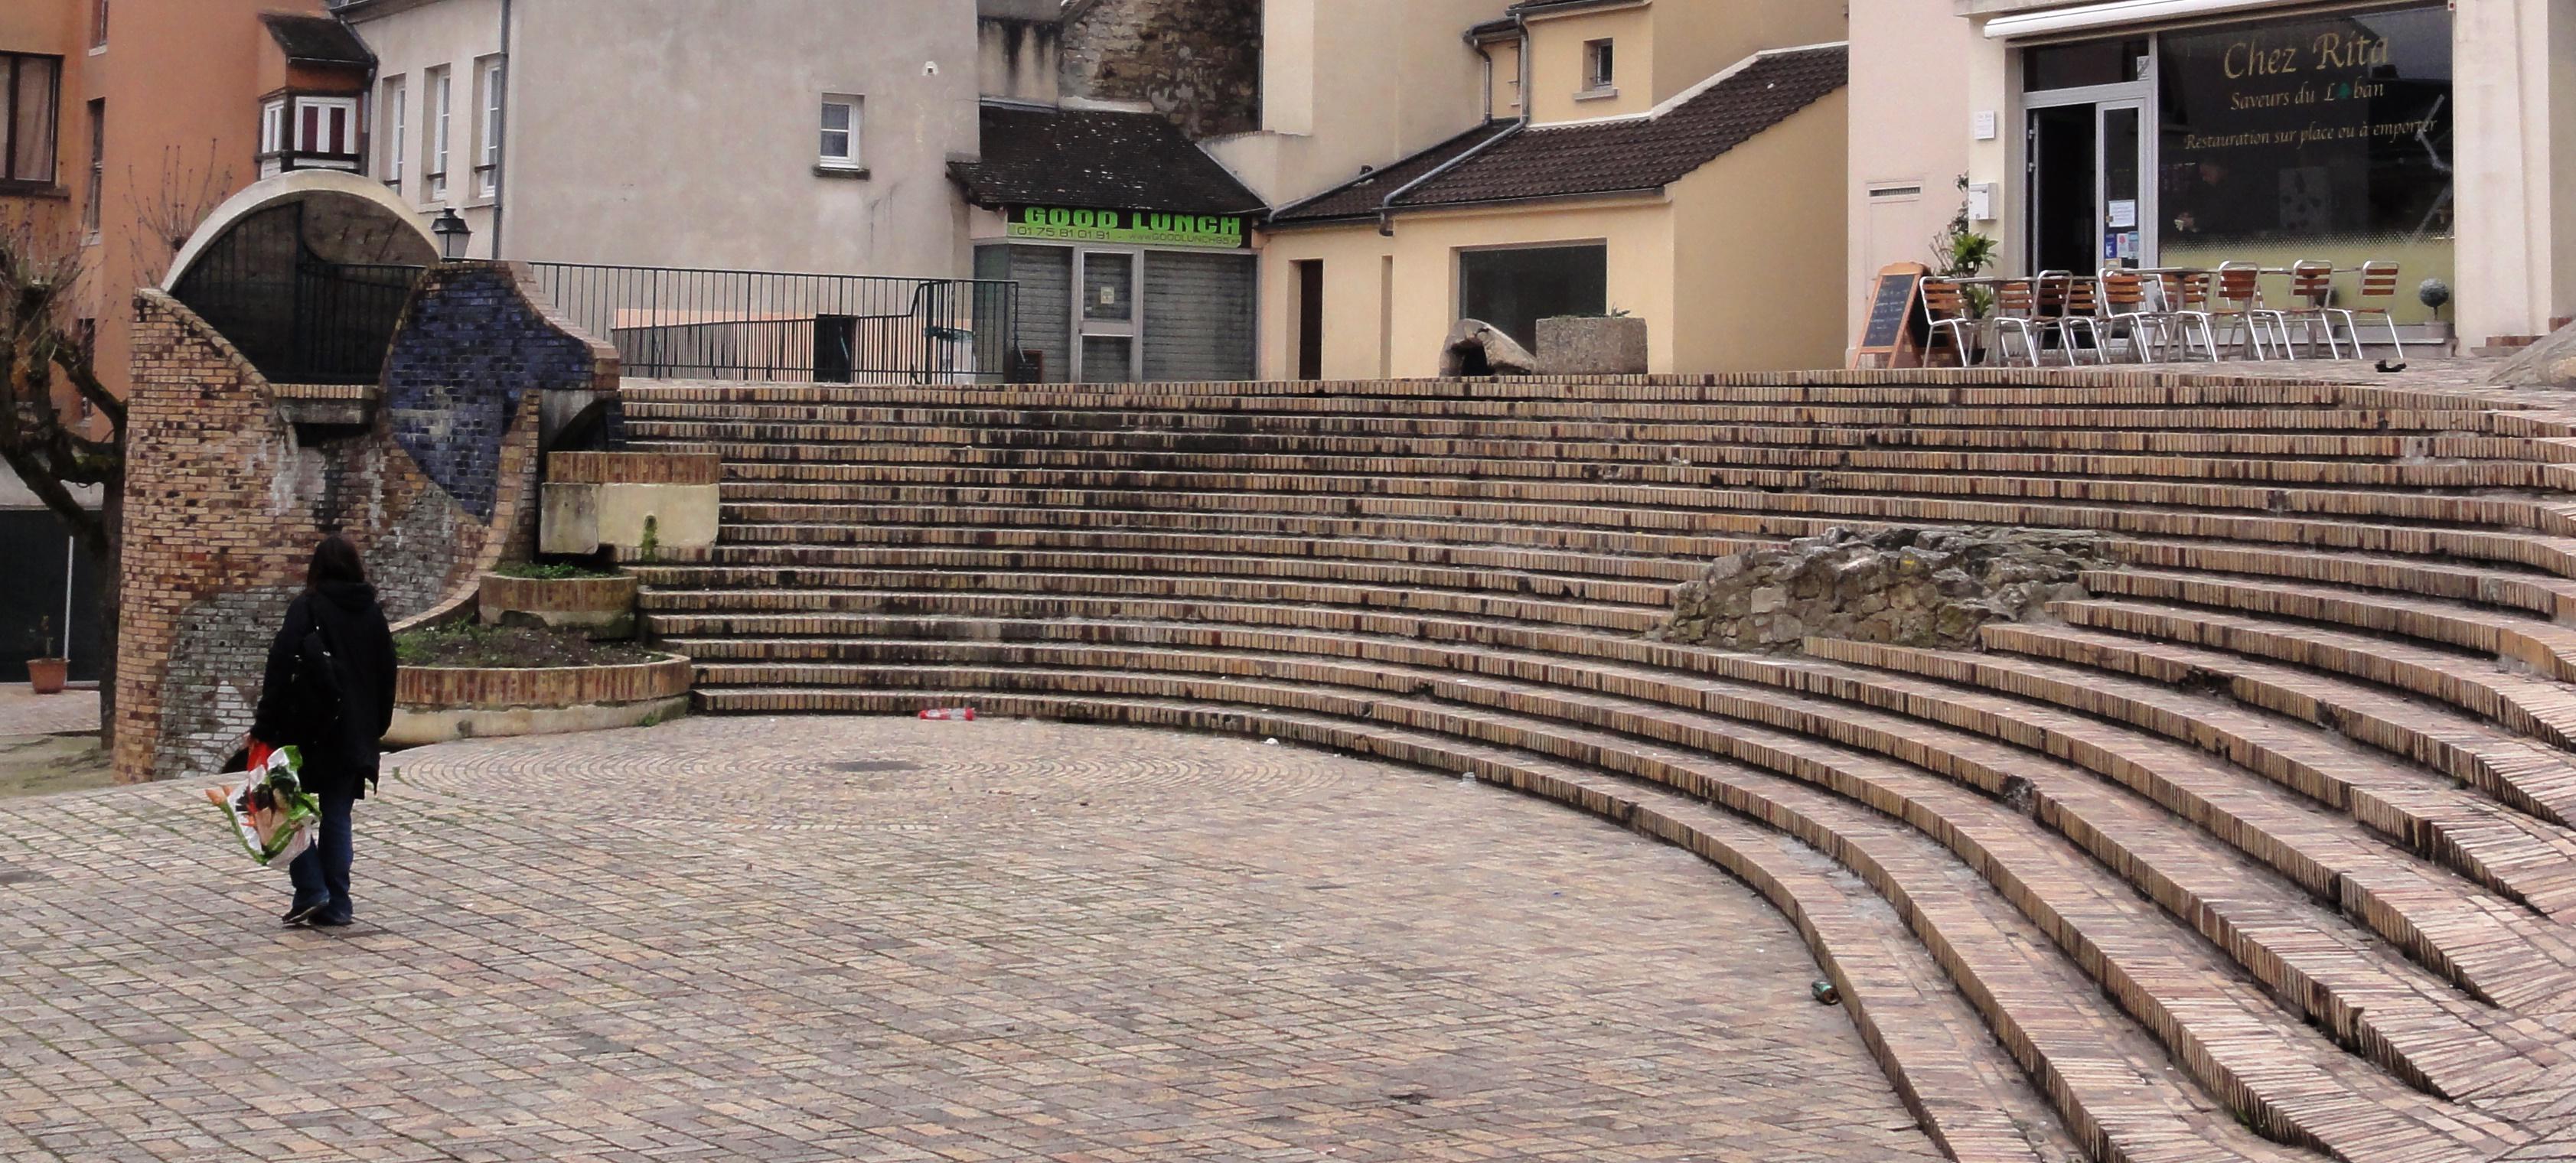 Escalier Val D Oise file:pontoise (val-d'oise) place des moineaux, les escaliers